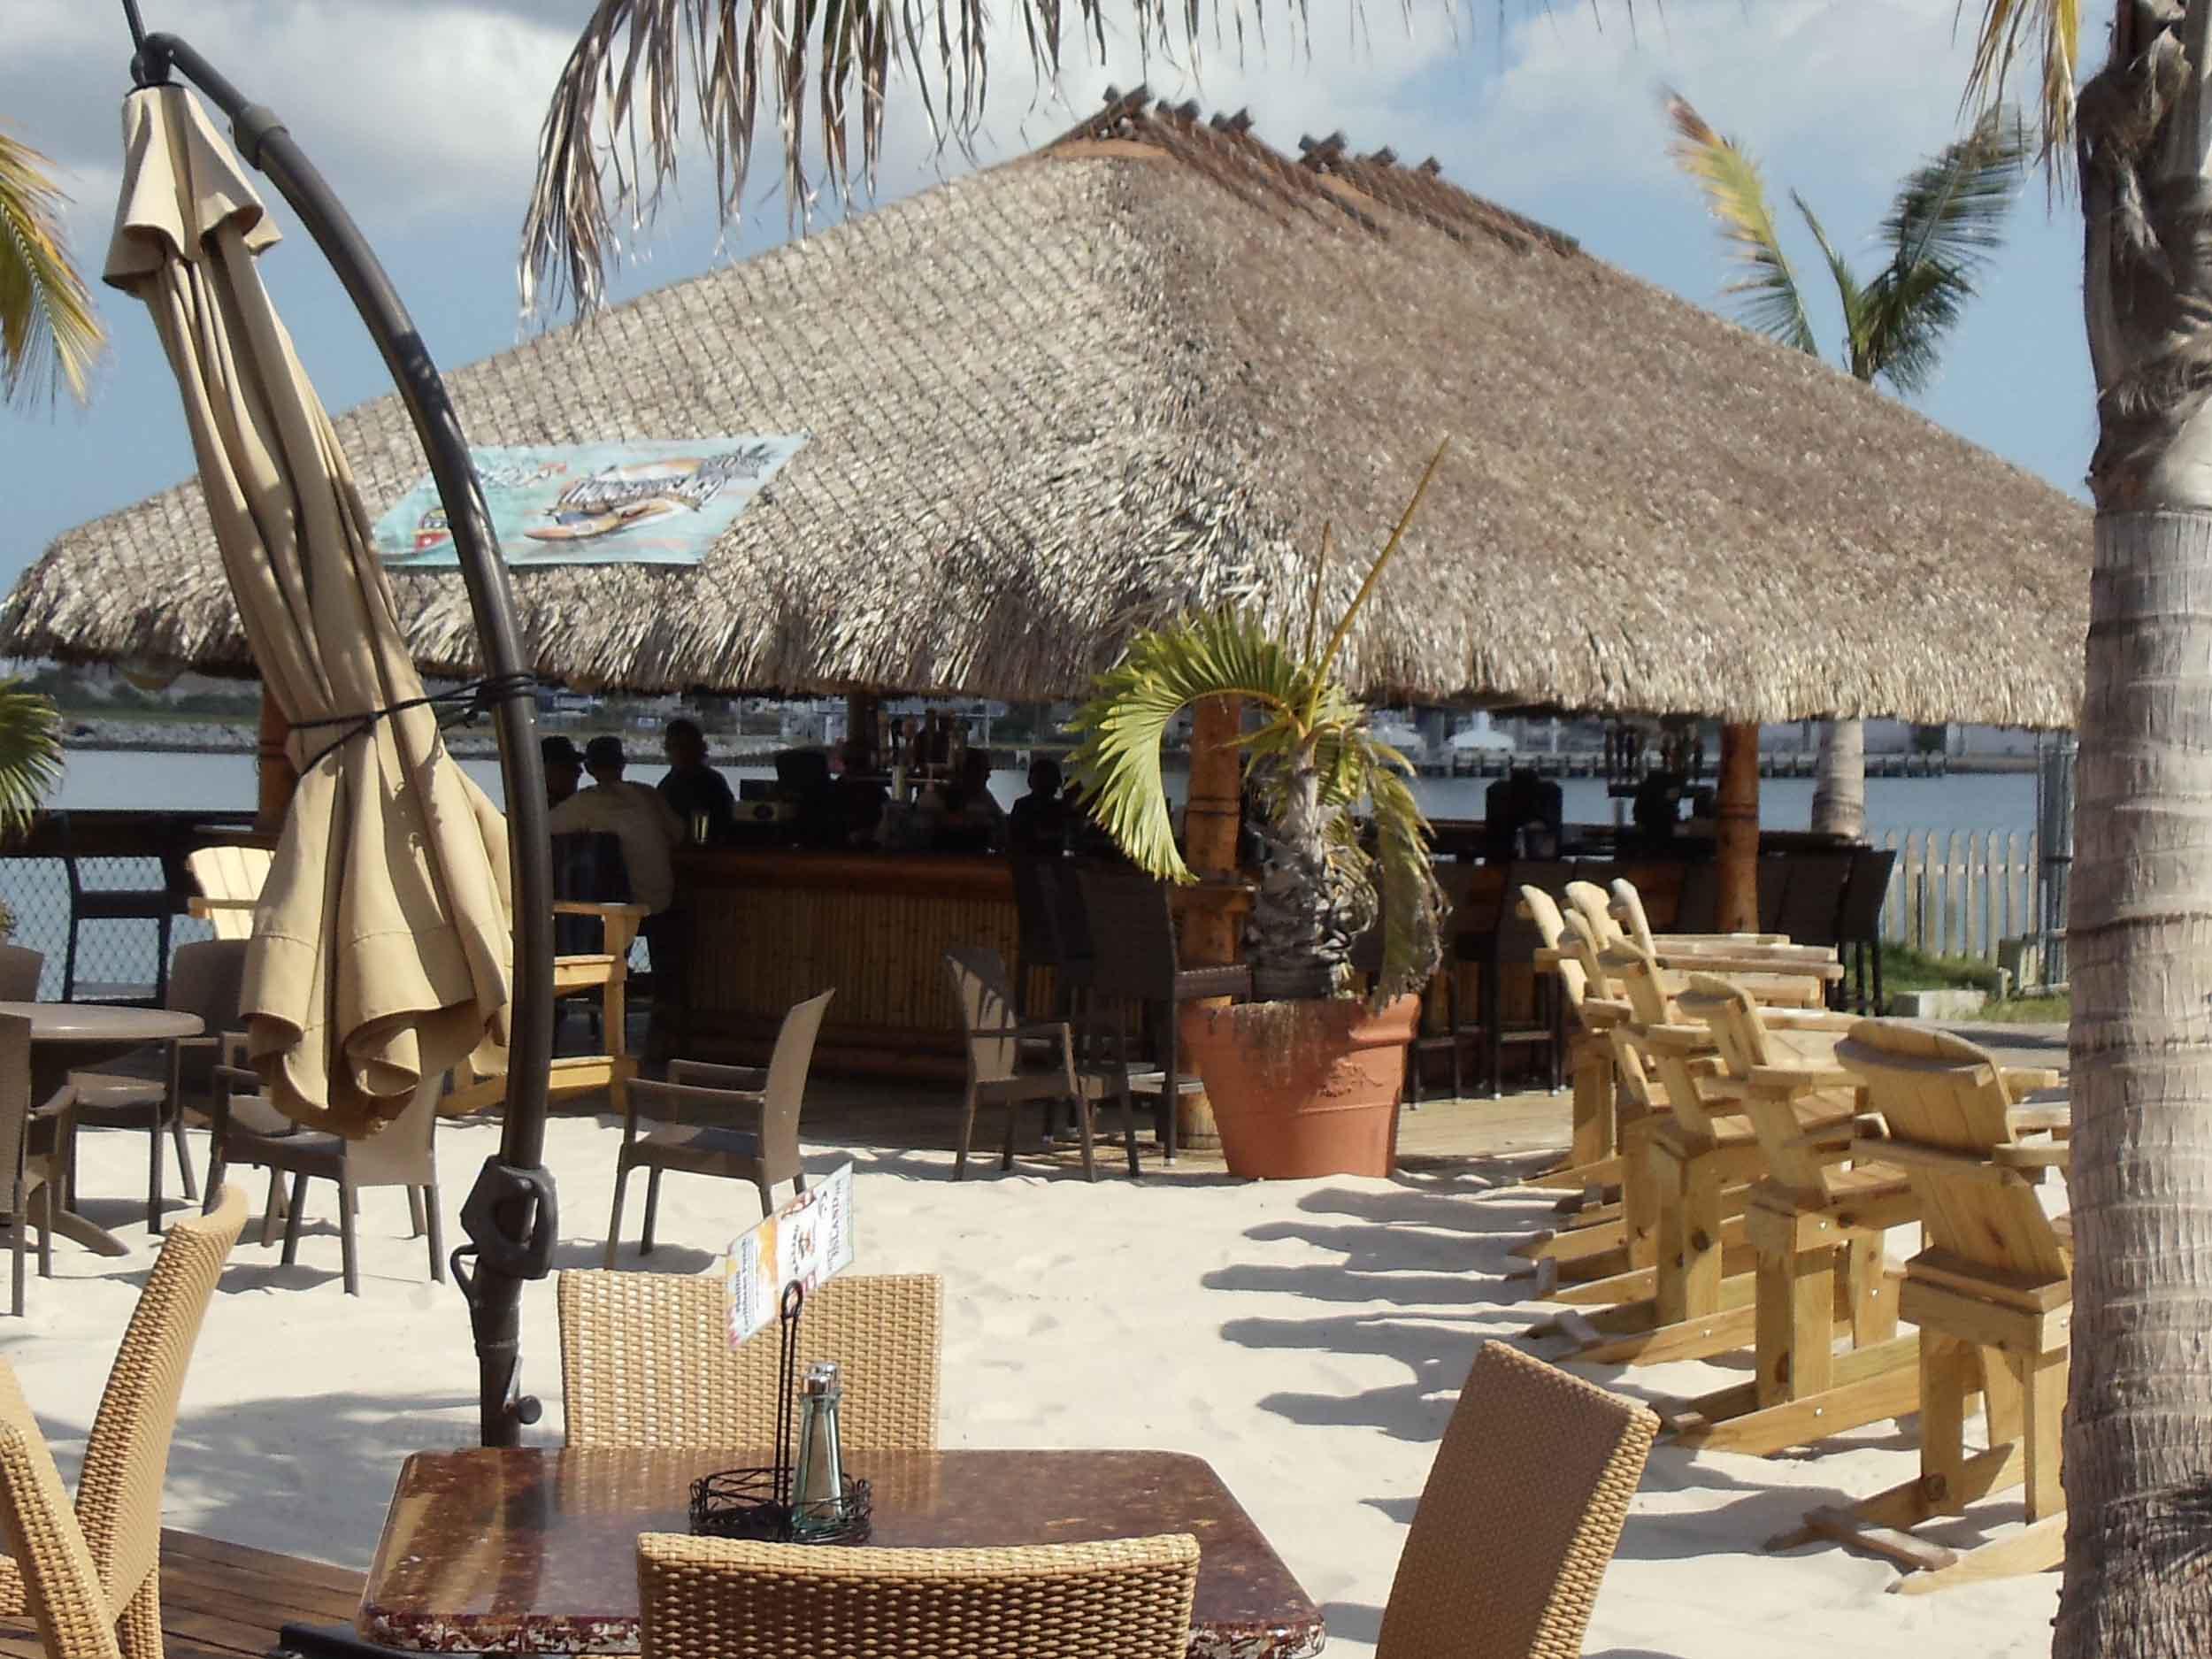 Milliken's Reef Tiki Bar Area